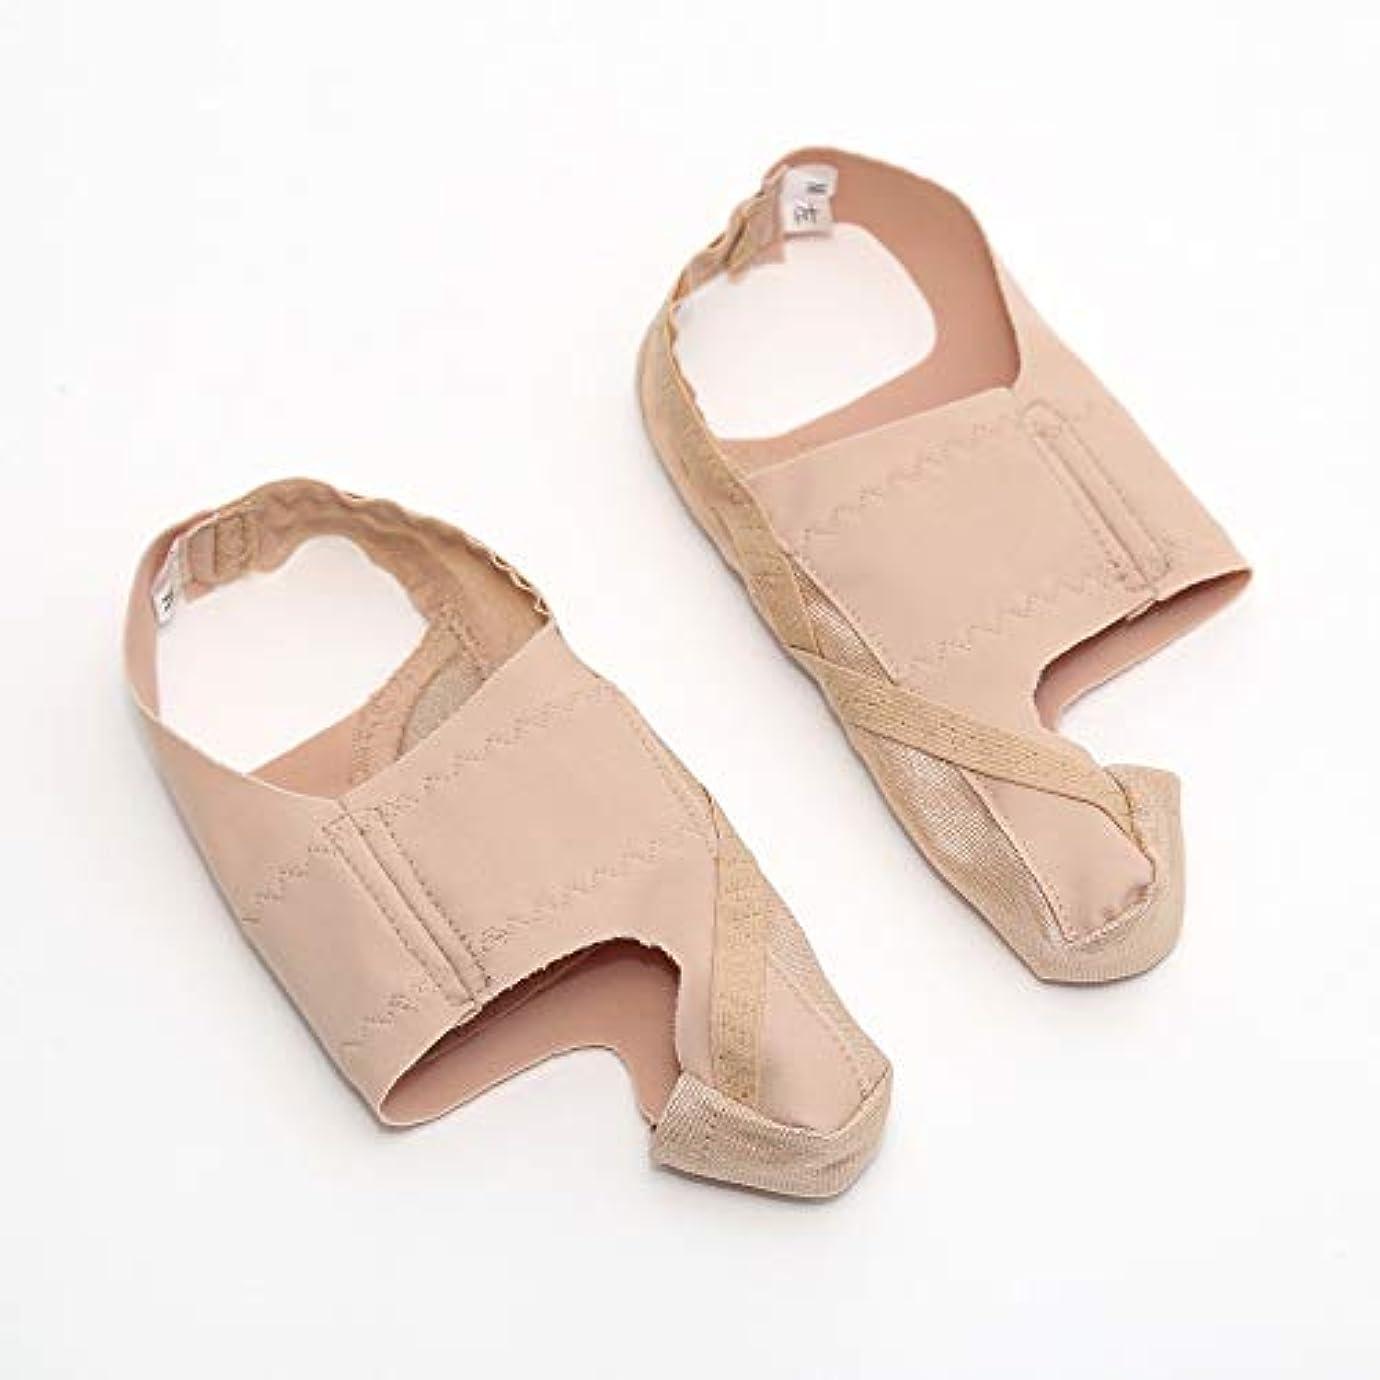 頑張る寄り添うバック靴も履けるんデス EX Sサイズ コエンザイムQ10 美容エッセンスマスク付セット